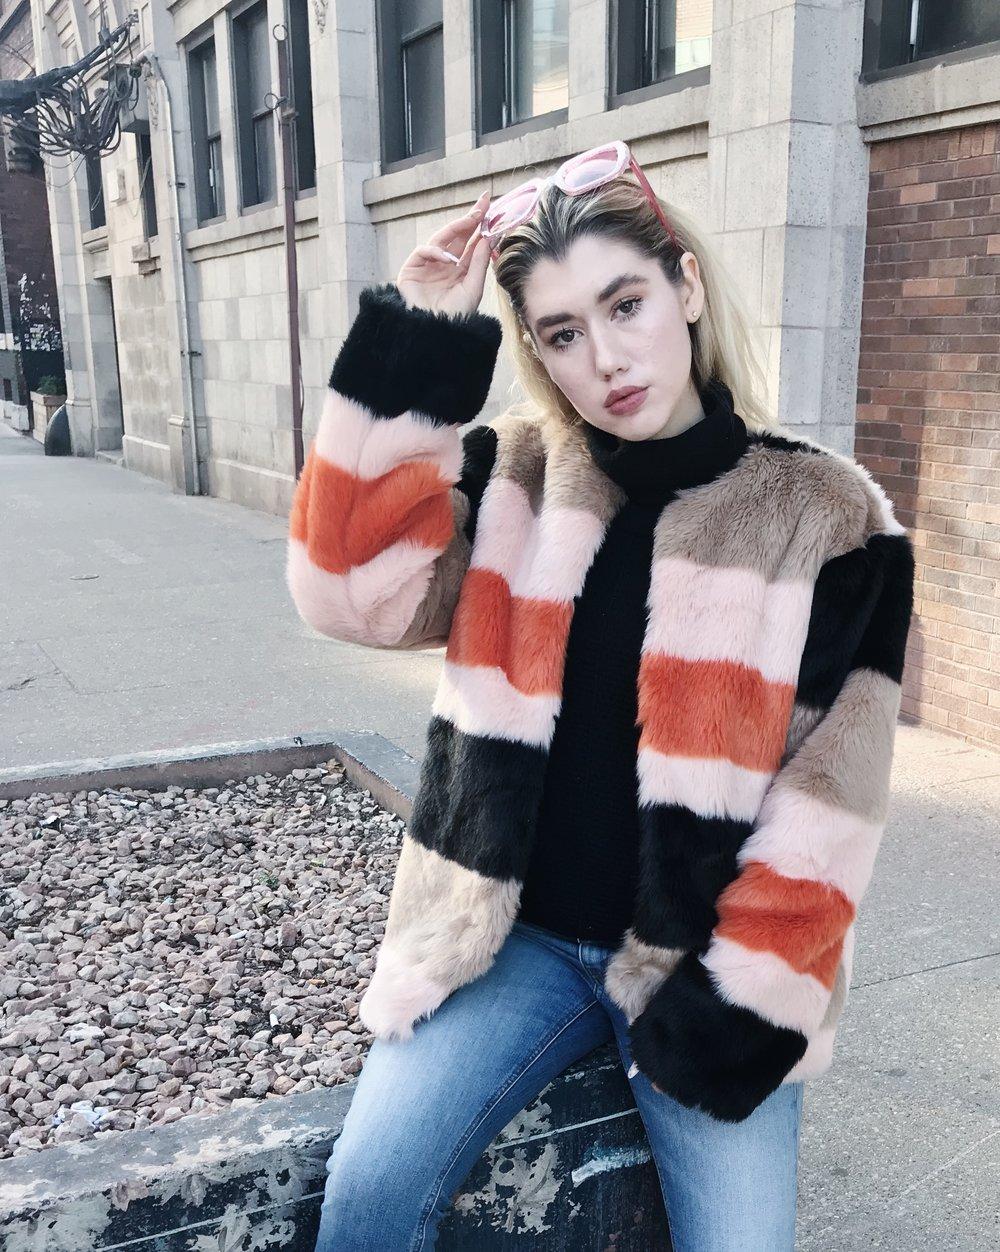 faux-fur-jacket-in-west-loop-chicagoJPG